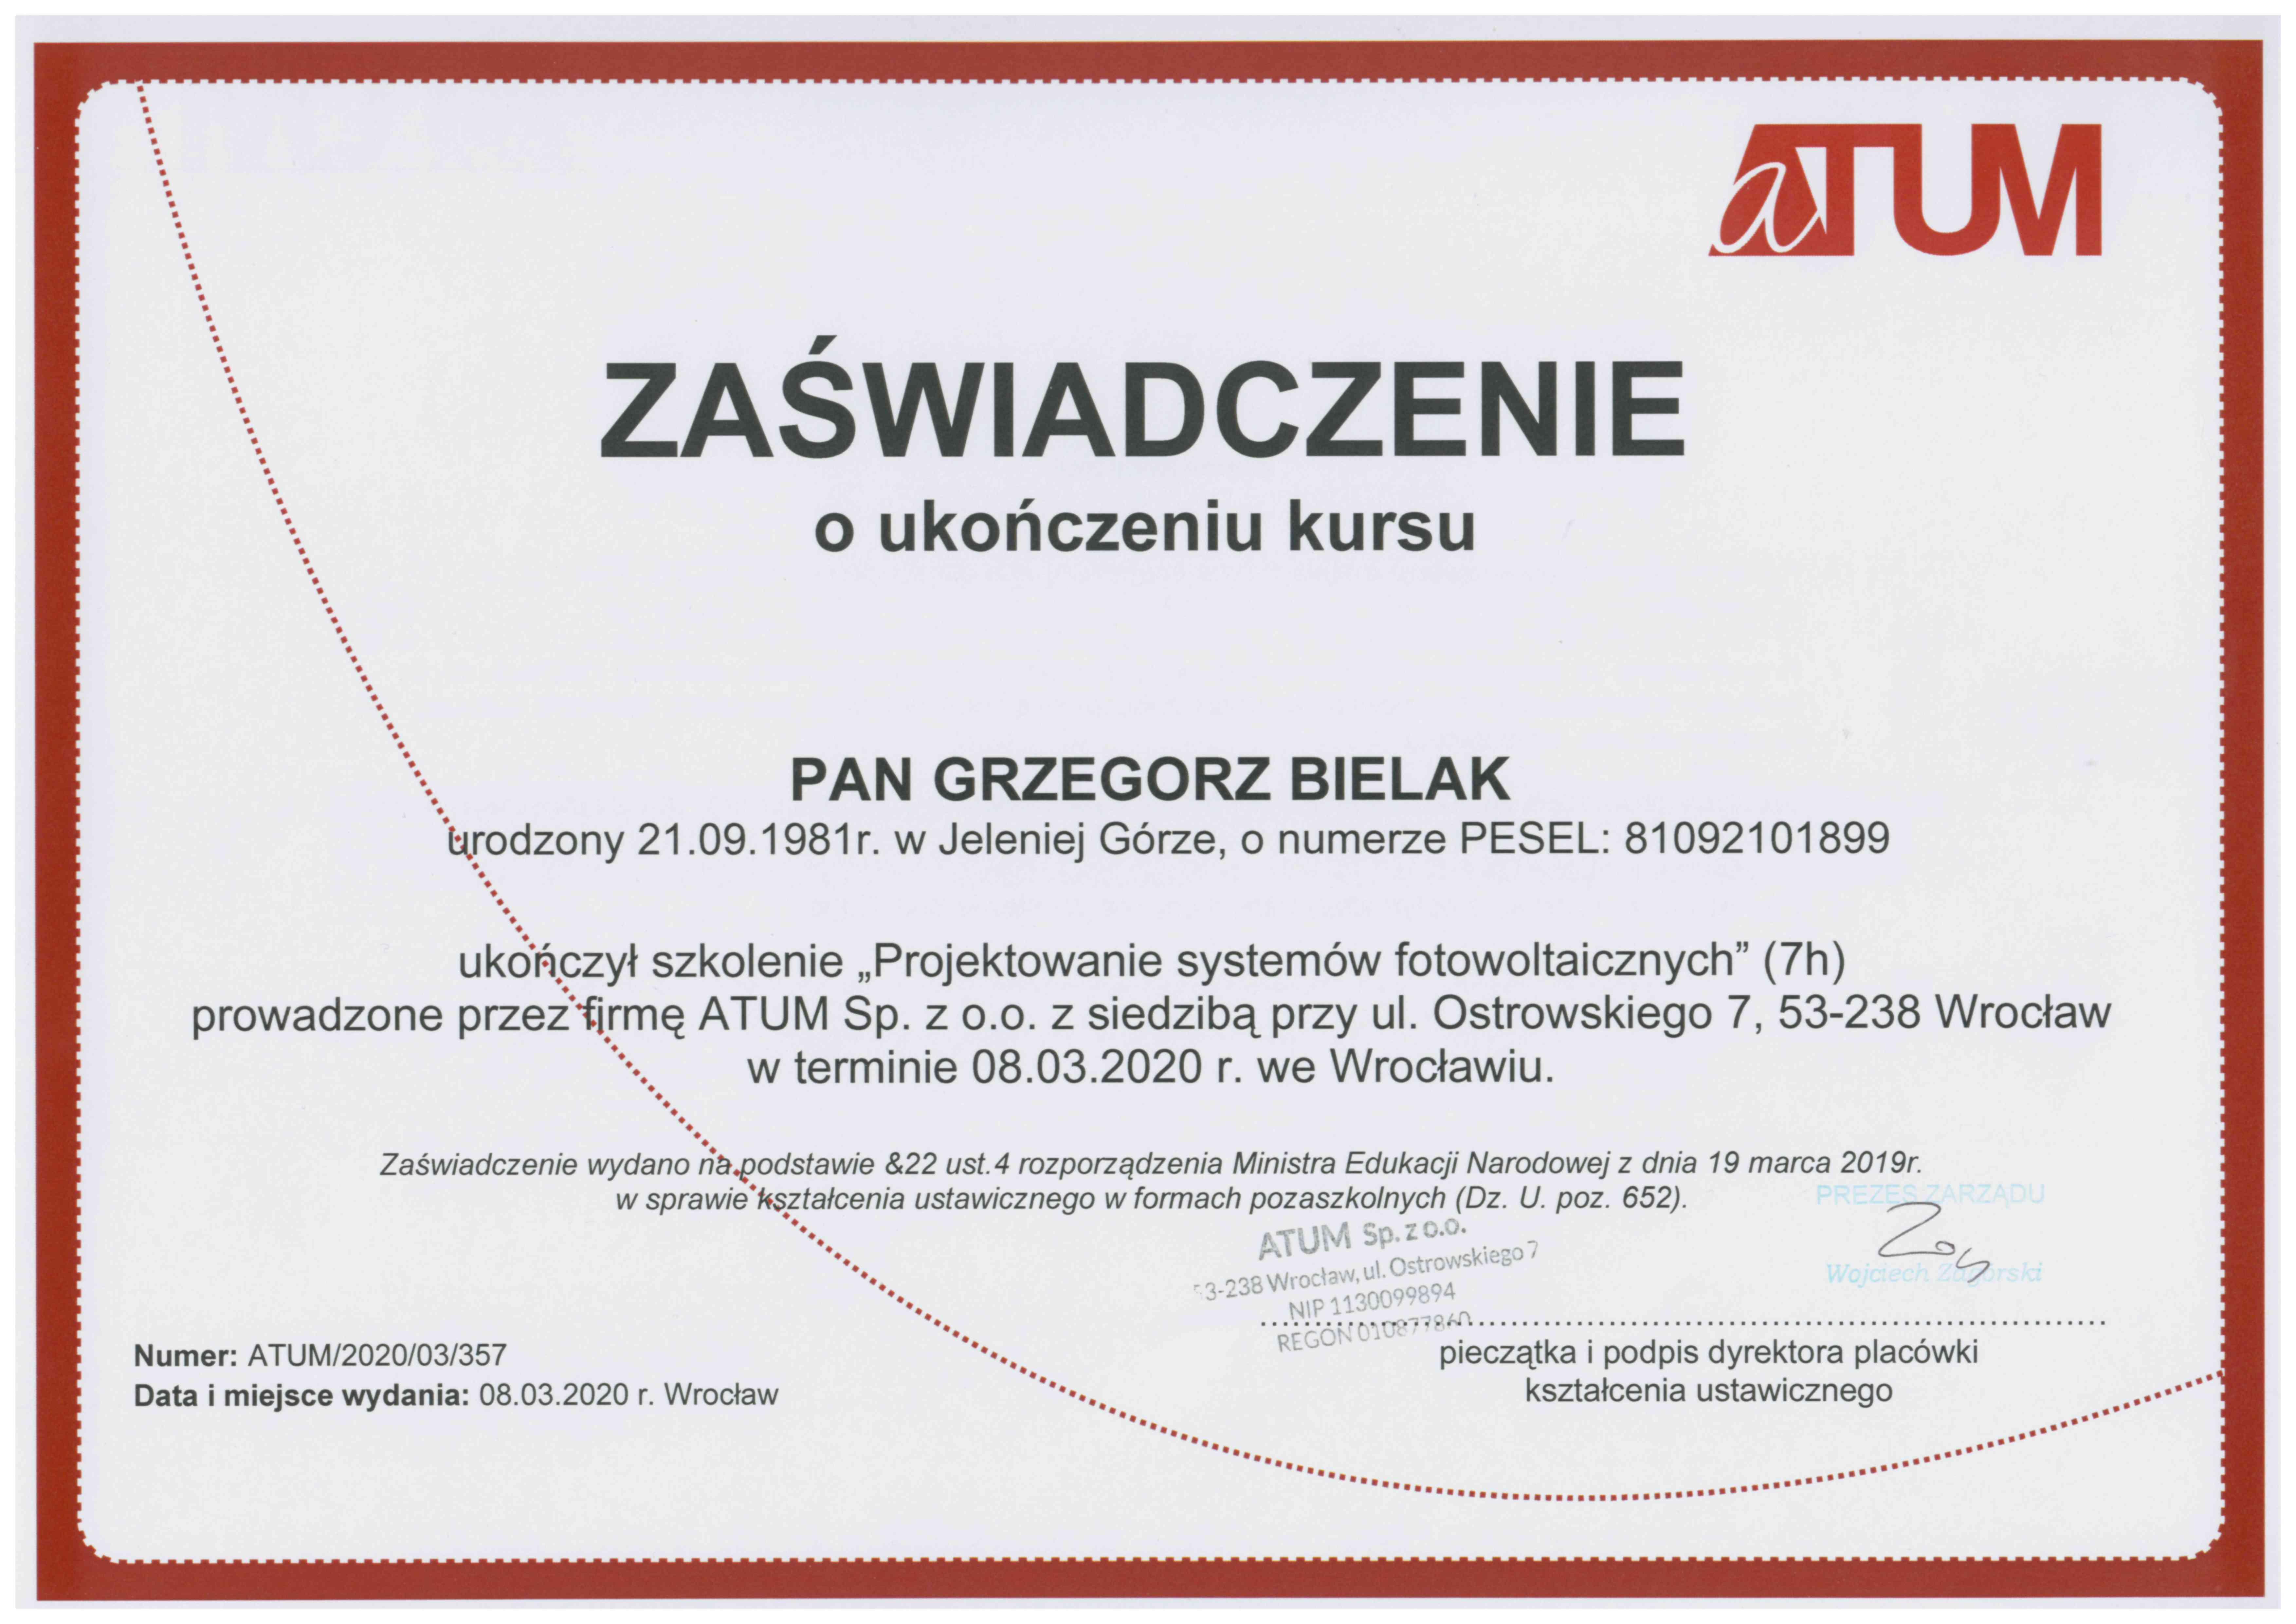 Certyfikat projektowanie systemów fotowoltaicznych Atum